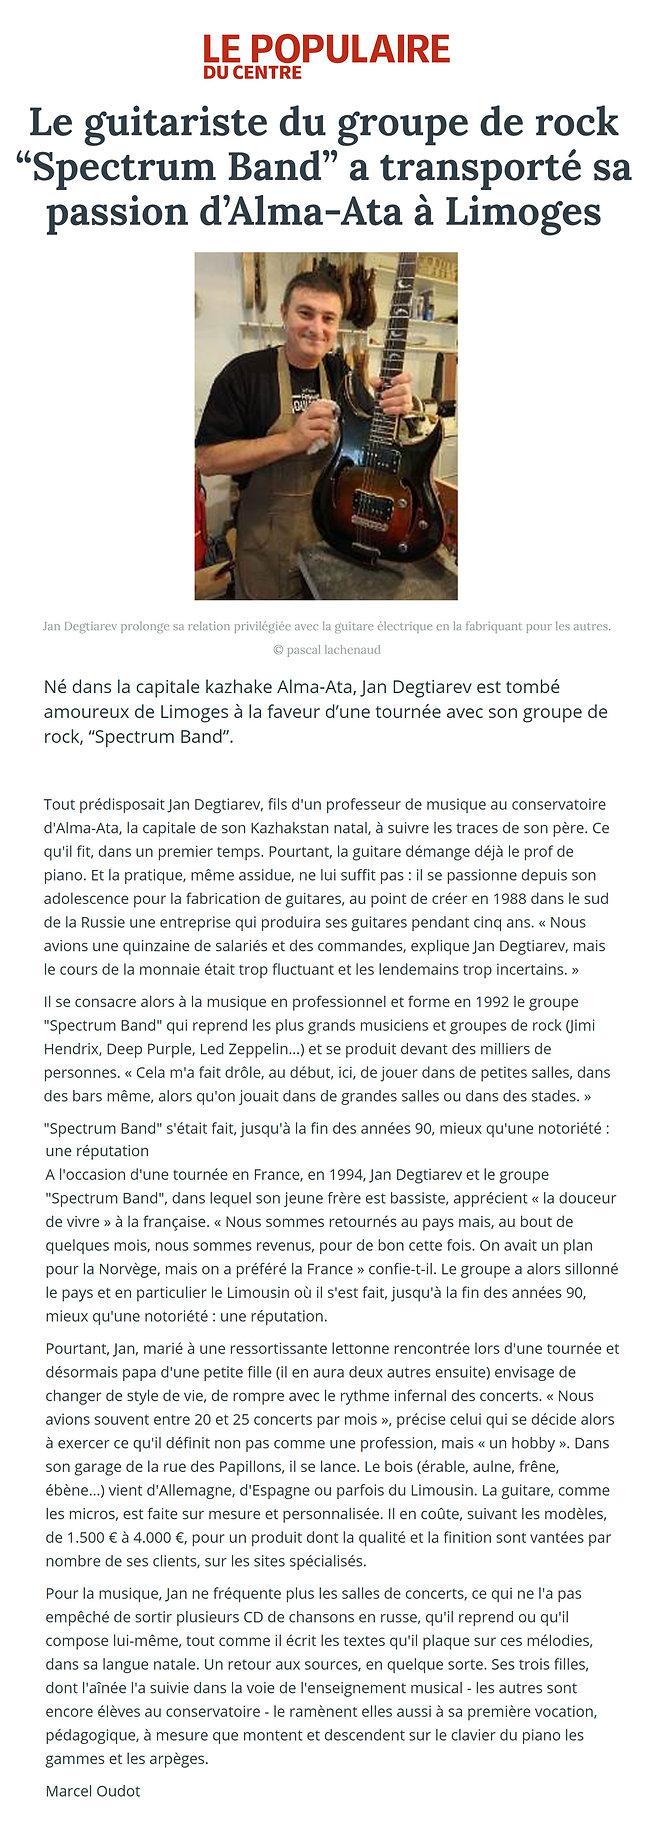 20141103-ArticleJanLePopulaire.jpg